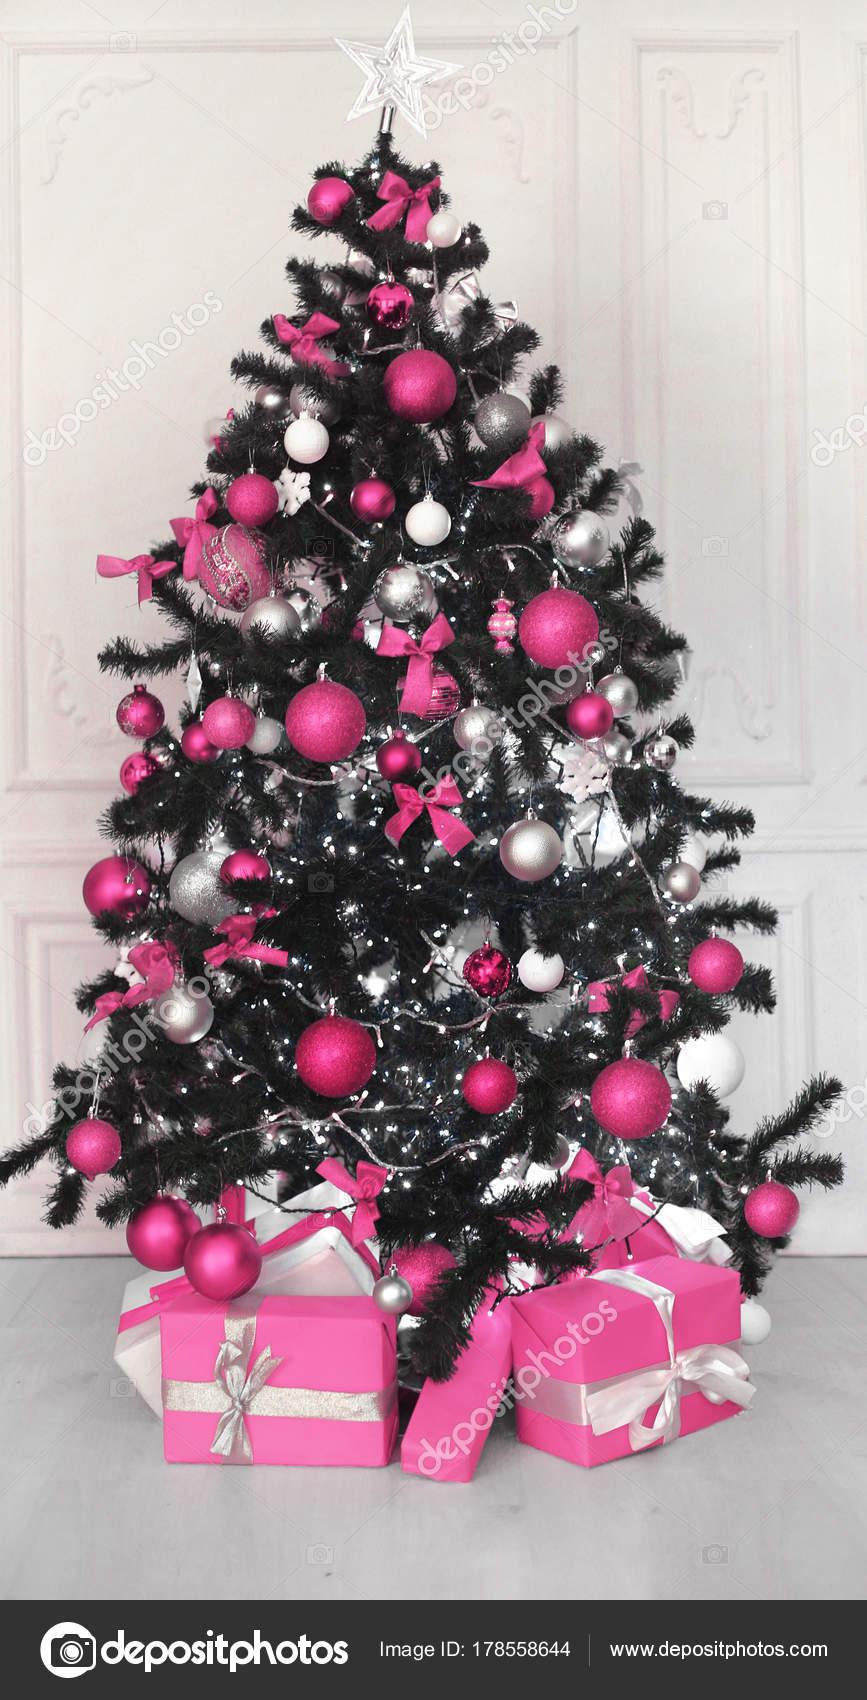 Rosa Weihnachtsbaum.Rosa Weihnachtsbaum Mit Kugel Geschenke Dekoration Vor Der Weißen